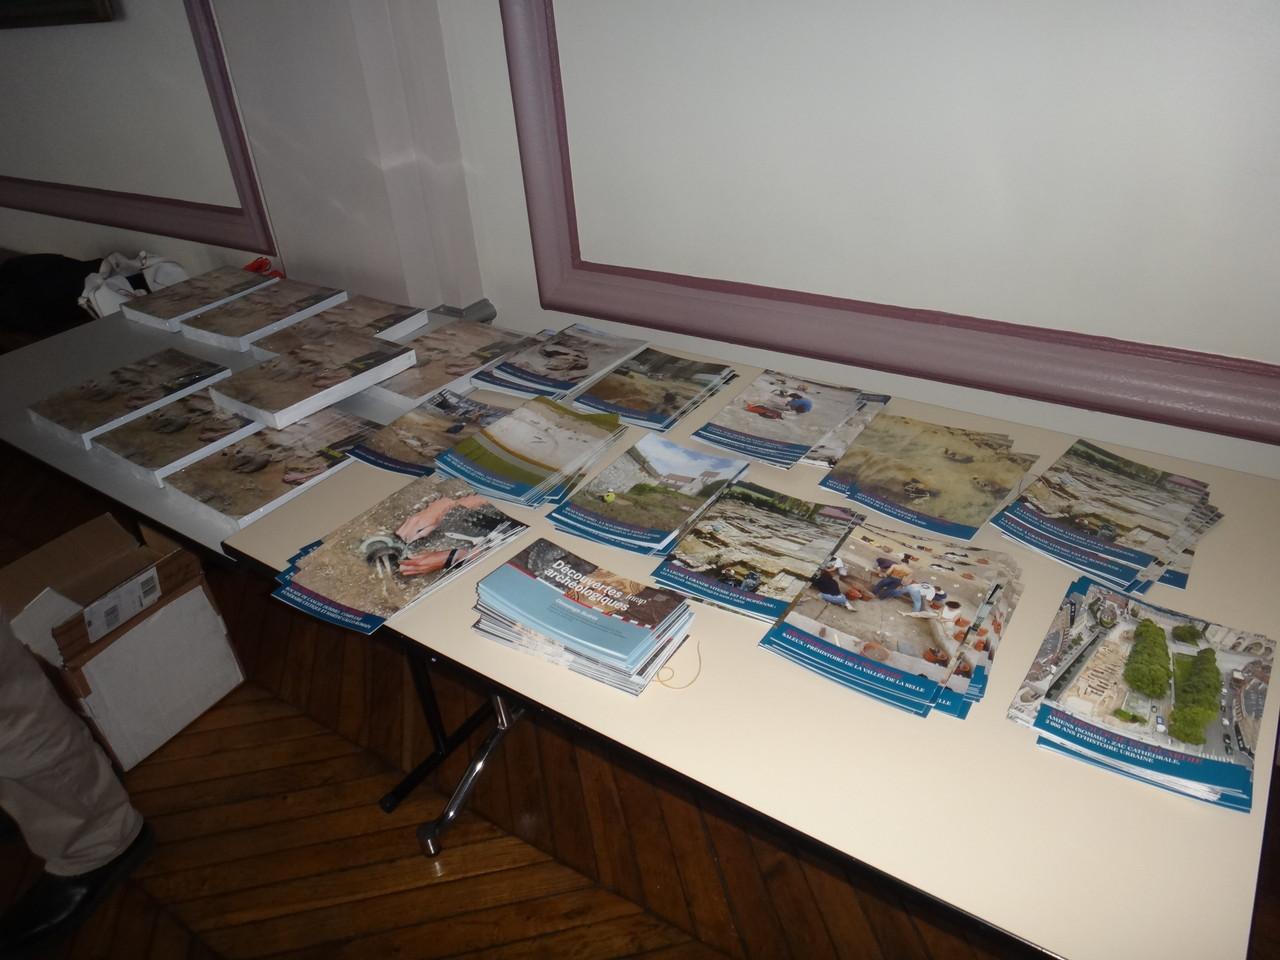 Accueil : plaquettes de la DRAC sur les dernières fouilles ; la carte archéologique de la Gaule  - la Somme, de Tahar Ben Redjeb